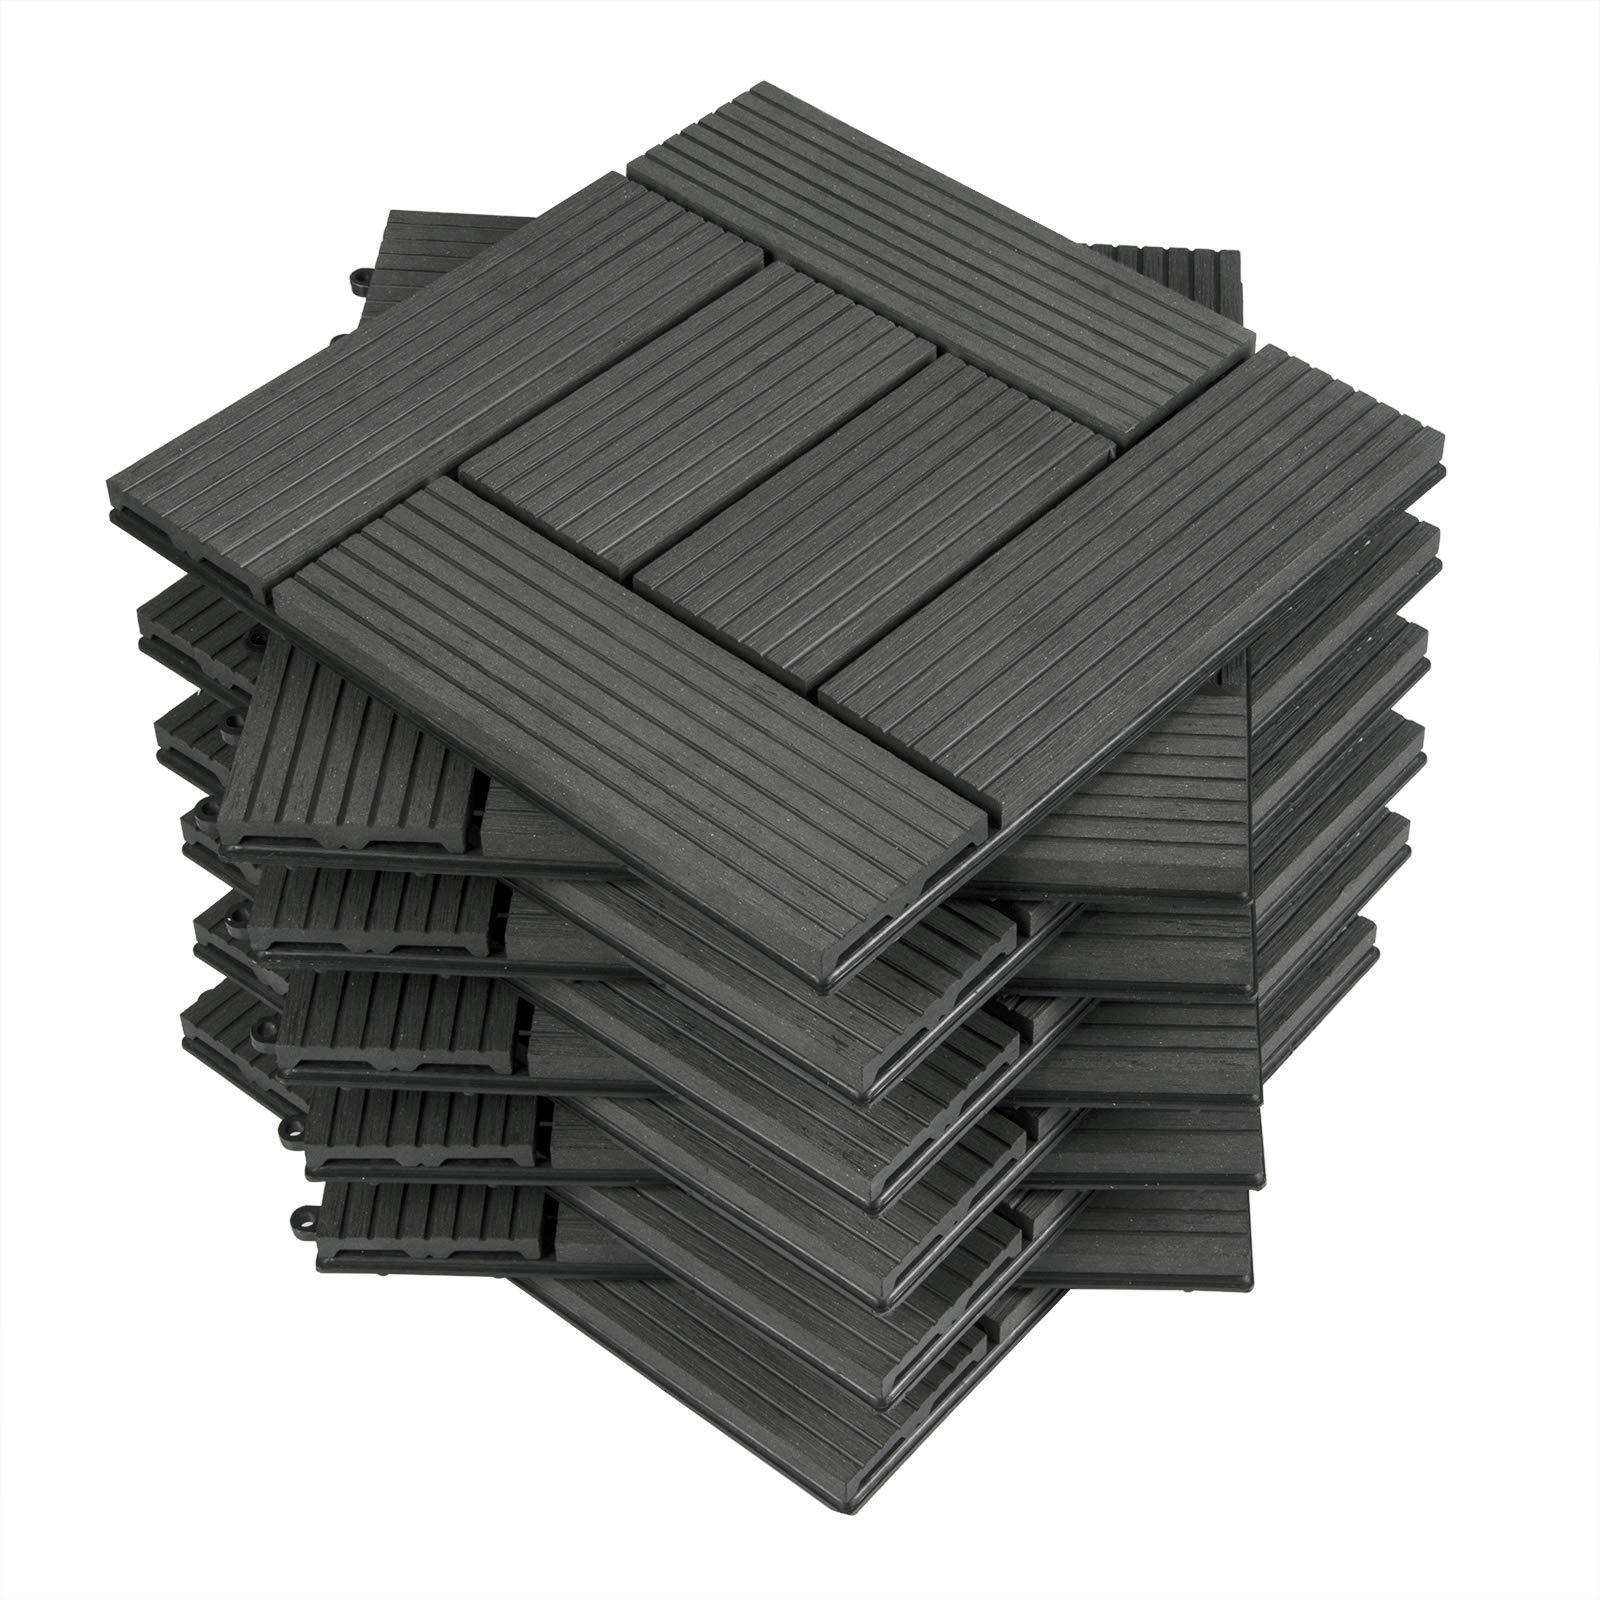 WOLTU 11x Suelo de WPC Baldosas de Madera Exterior para Porche Patios Jardin, 30 x 30 cm 1m² Suelo de Exterior Compuesta Azulejos Baldosas de WPC para Terraza Antracita: Amazon.es: Bricolaje y